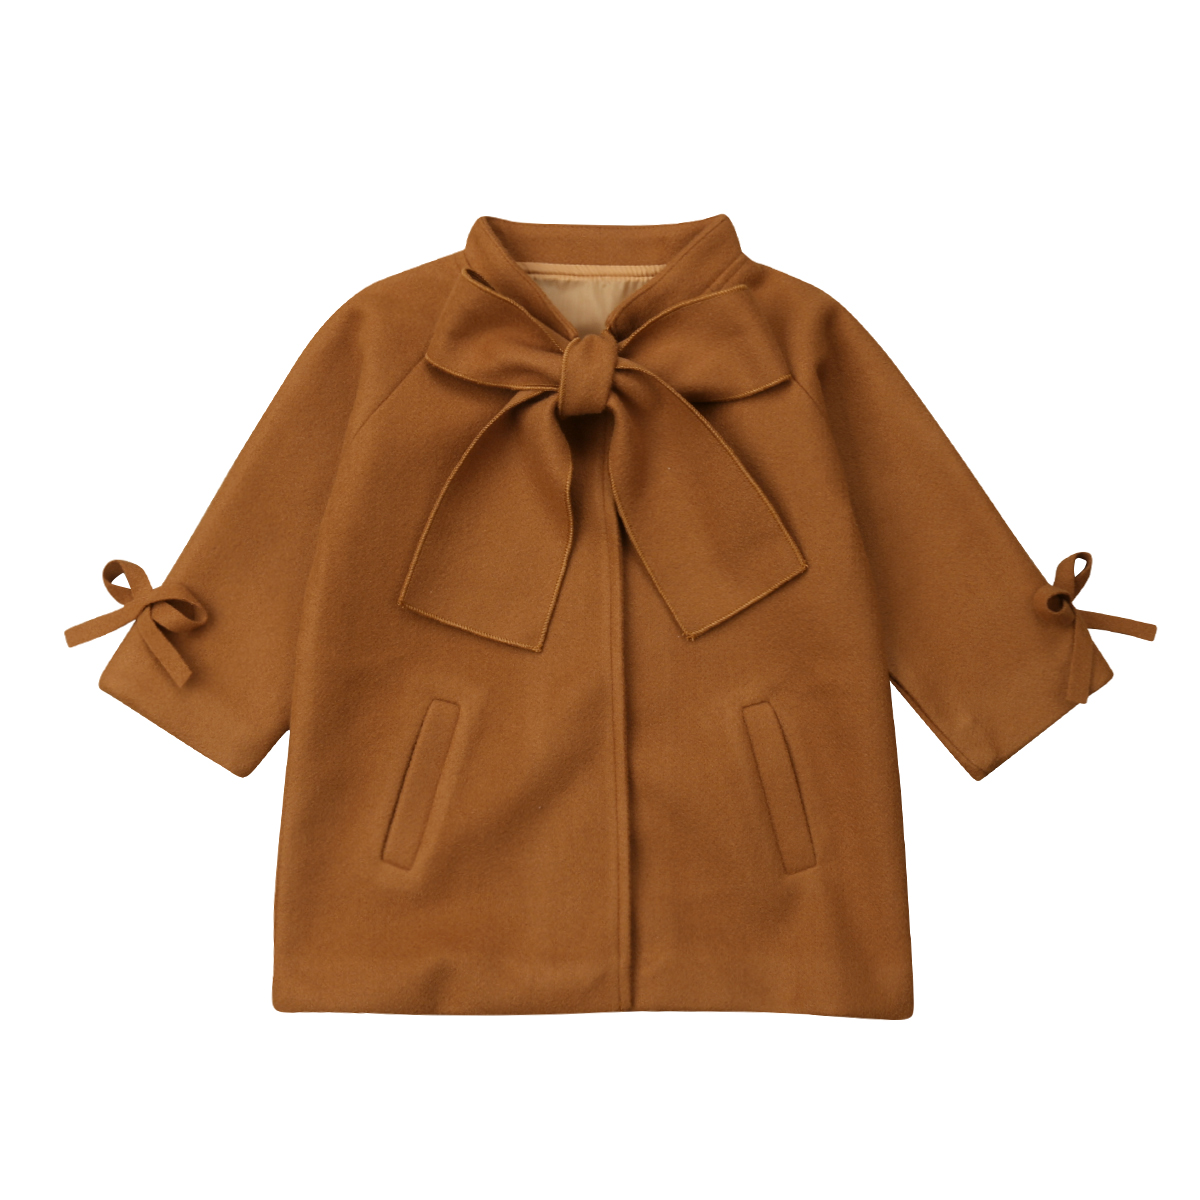 2018 Mode Infant Kinder Baby Mädchen 2-8y Winter Wolle Mantel Bogen Langarm Braun Schlank Warme Outwear Jacke Einfach Und Leicht Zu Handhaben